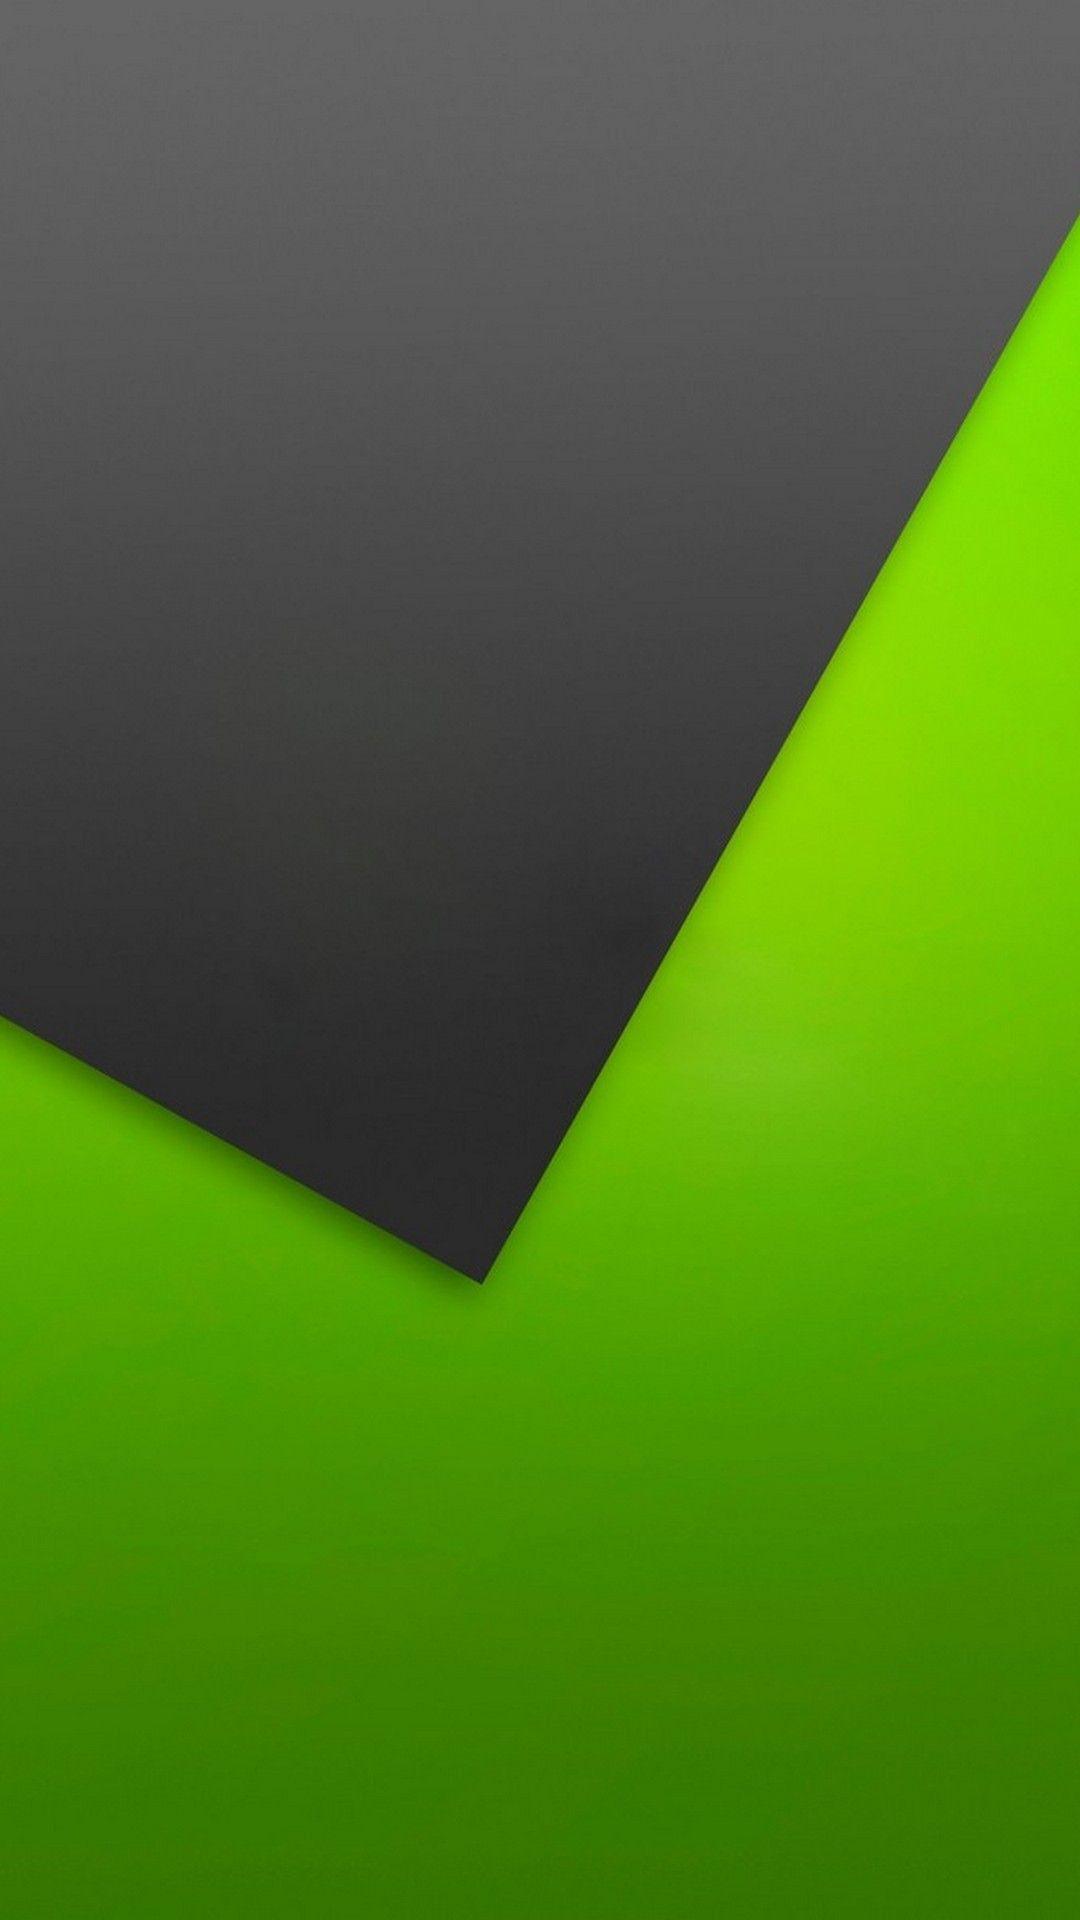 Green Iphone Wallpaper Hd Best Wallpaper Hd Cool Wallpapers For Phones Wallpaper Mobile Wallpaper